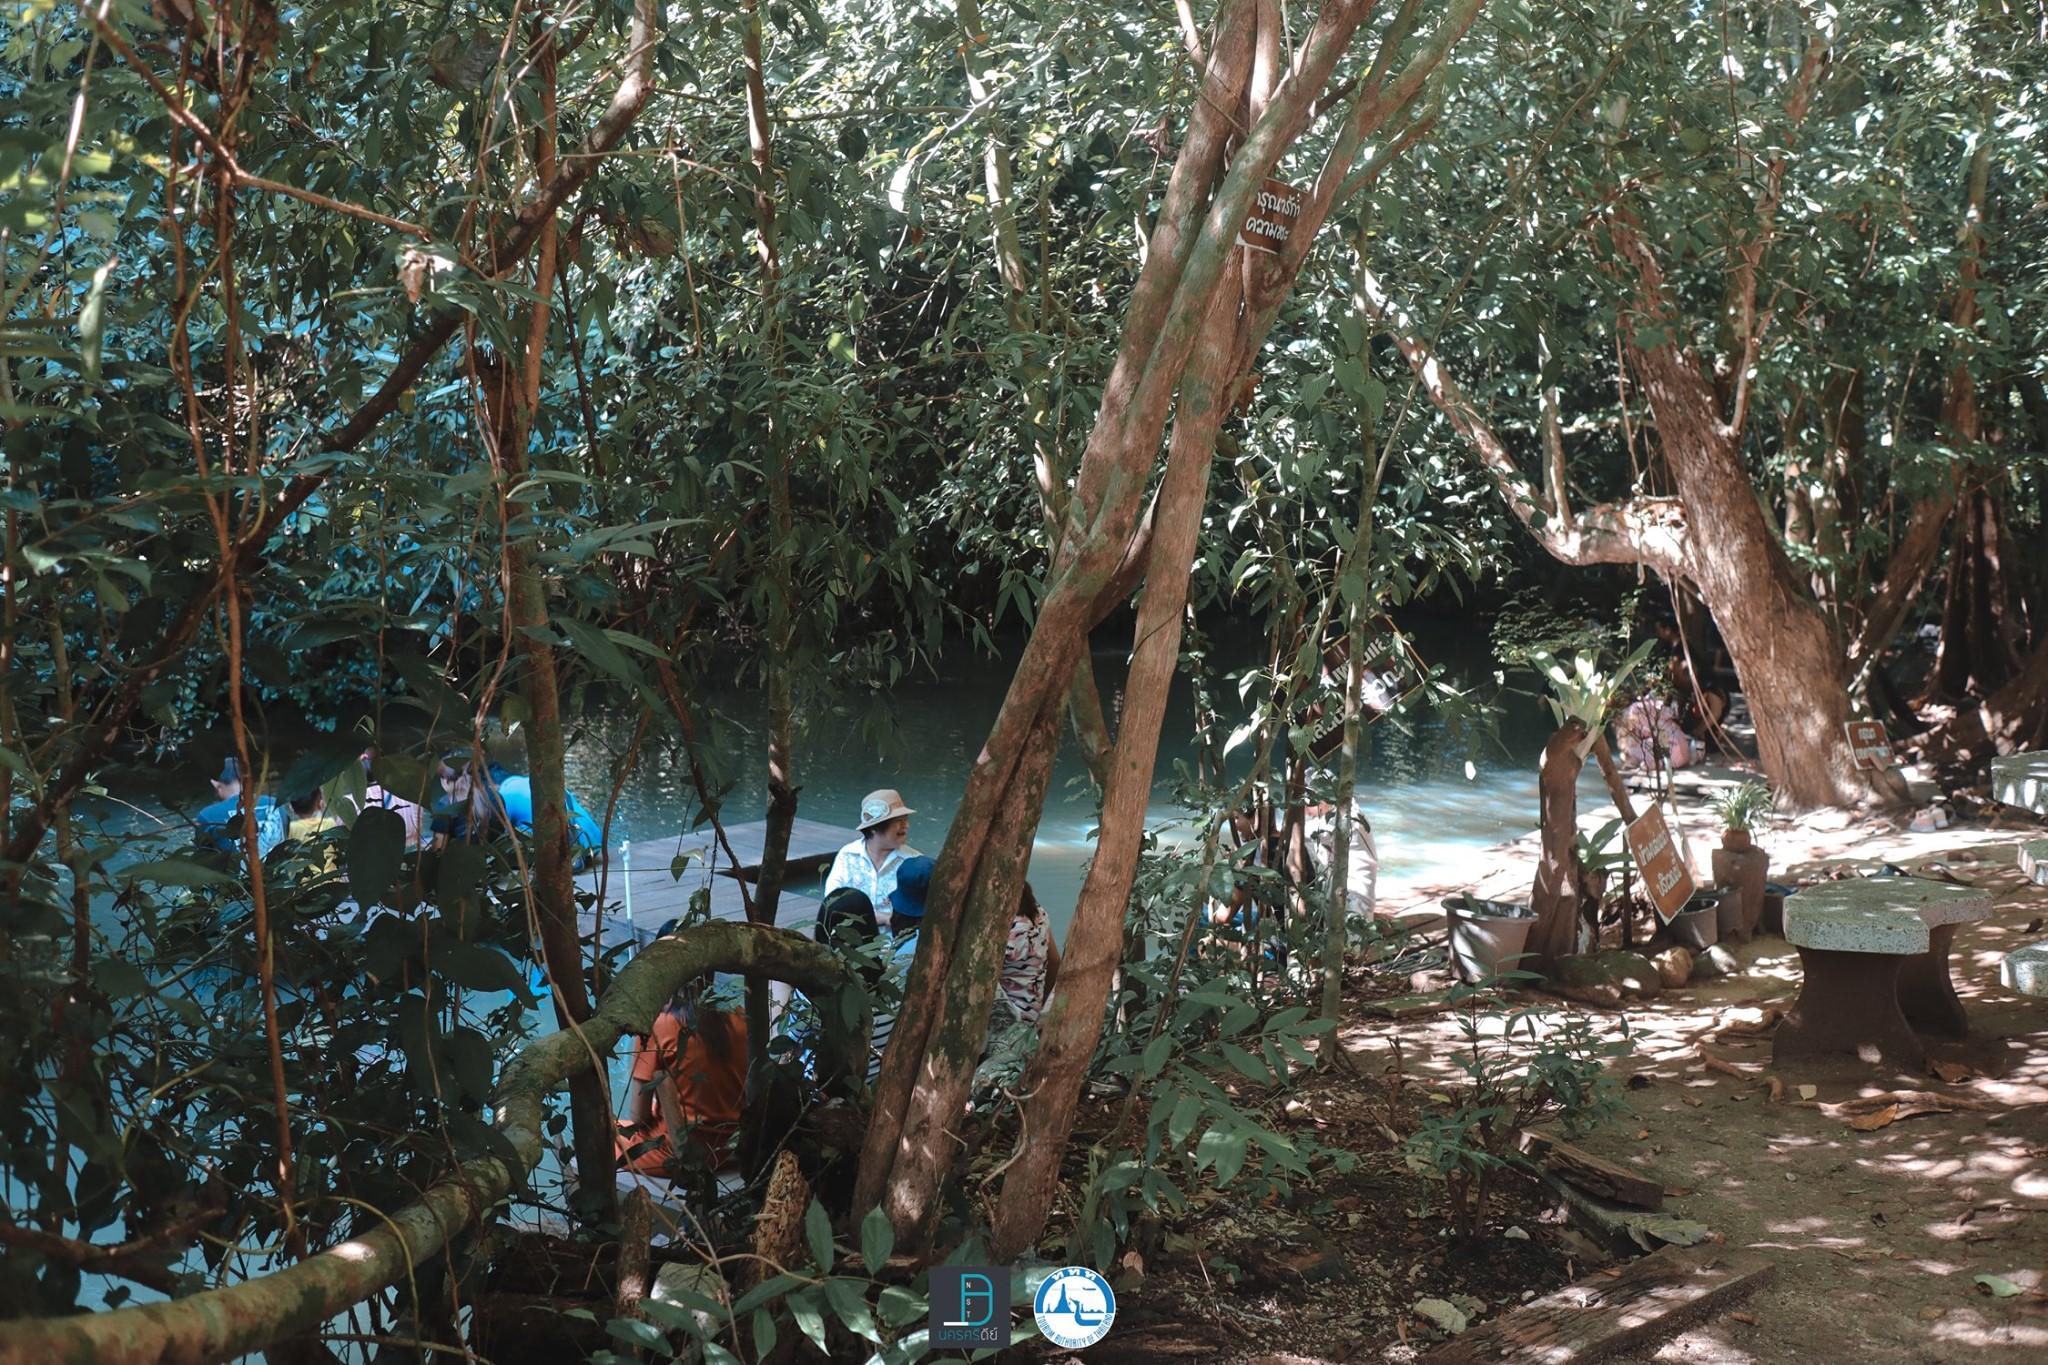 8.-สวนตาสรรค์-แหล่งเช็คอินยอดฮิตที่ได้ชื่อว่า-สปาปลาตอดครับ-ปกติน้ำจะใสมากแต่แอดมาวันนี้ฝนตกครับเลยขุ่นๆหน่อย นครศรีธรรมราช,จุดเช็คอิน,ที่ท่องเที่ยว,ของกิน,โกโก้,TAT,การท่องเที่ยวแห่งประเทศไทย